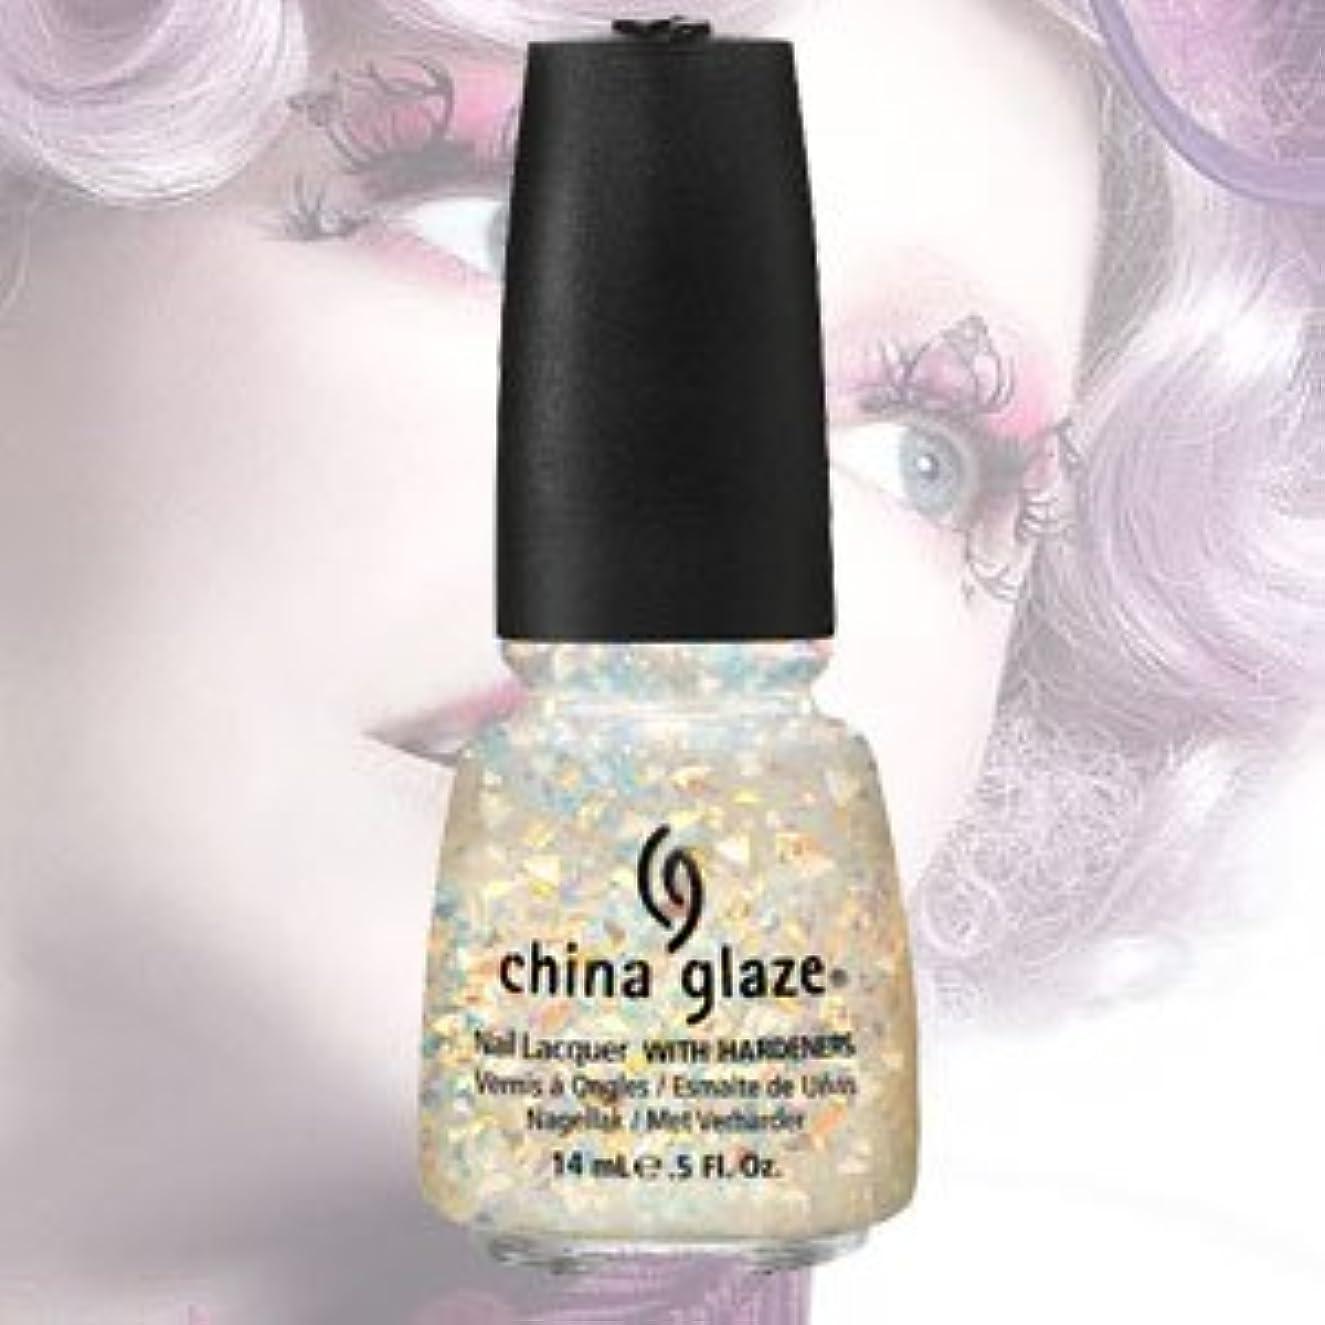 合わせて優雅な反発(チャイナグレイズ)China Glaze Luxe and LushーCAPITOL COLOURS コレクション [海外直送品][並行輸入品]